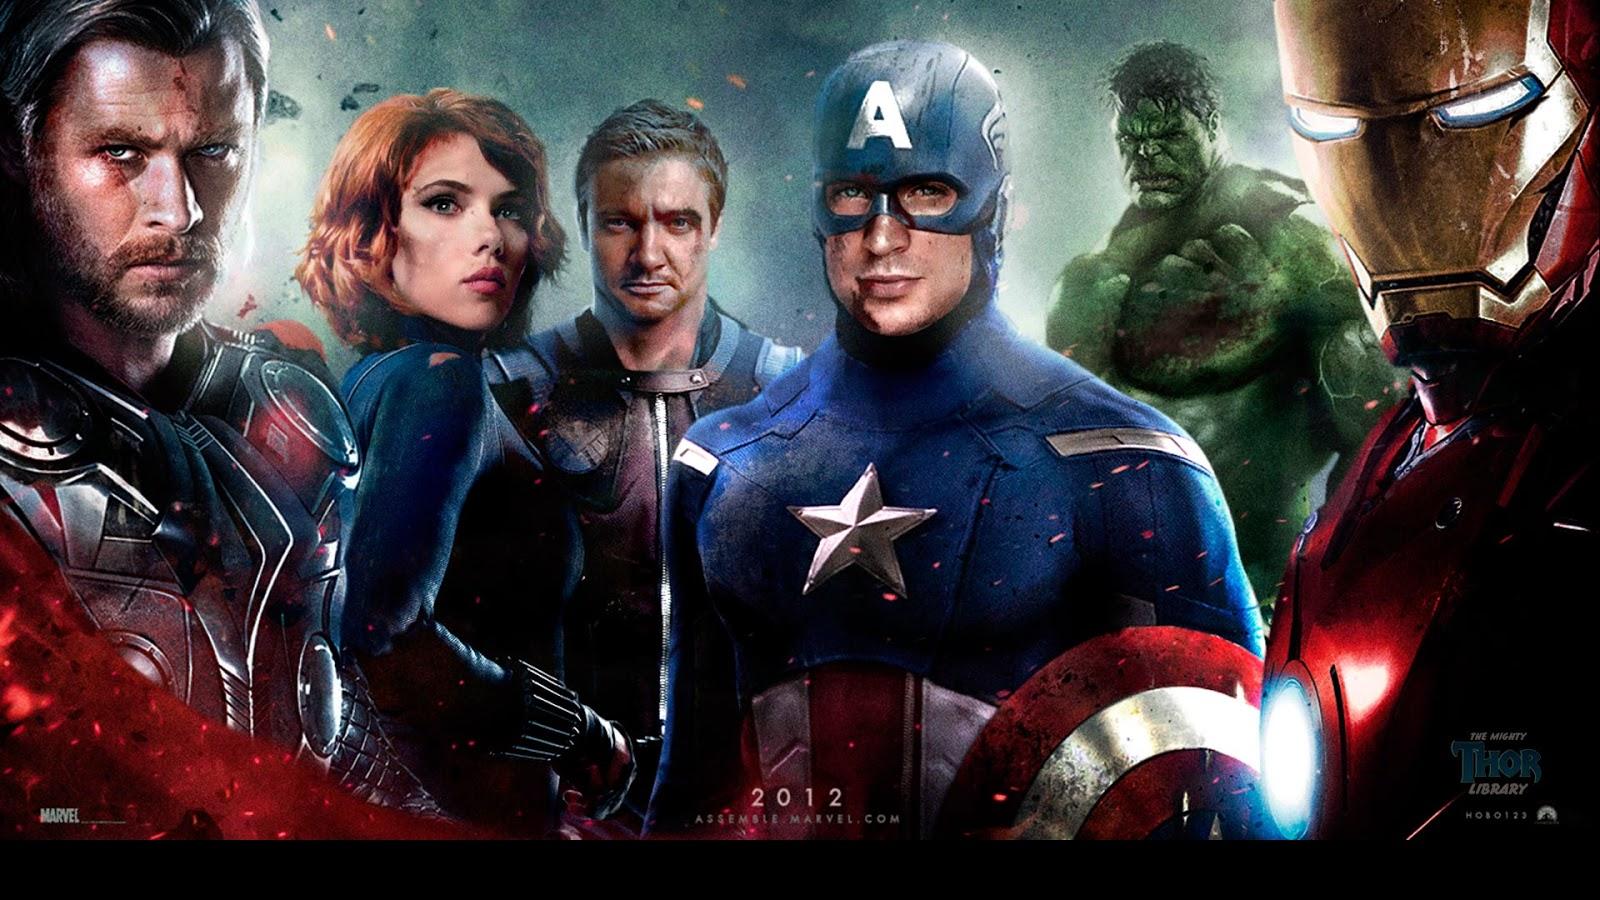 Must see Wallpaper Marvel Full Hd - Marvel-Avengers  Picture_10781.jpg